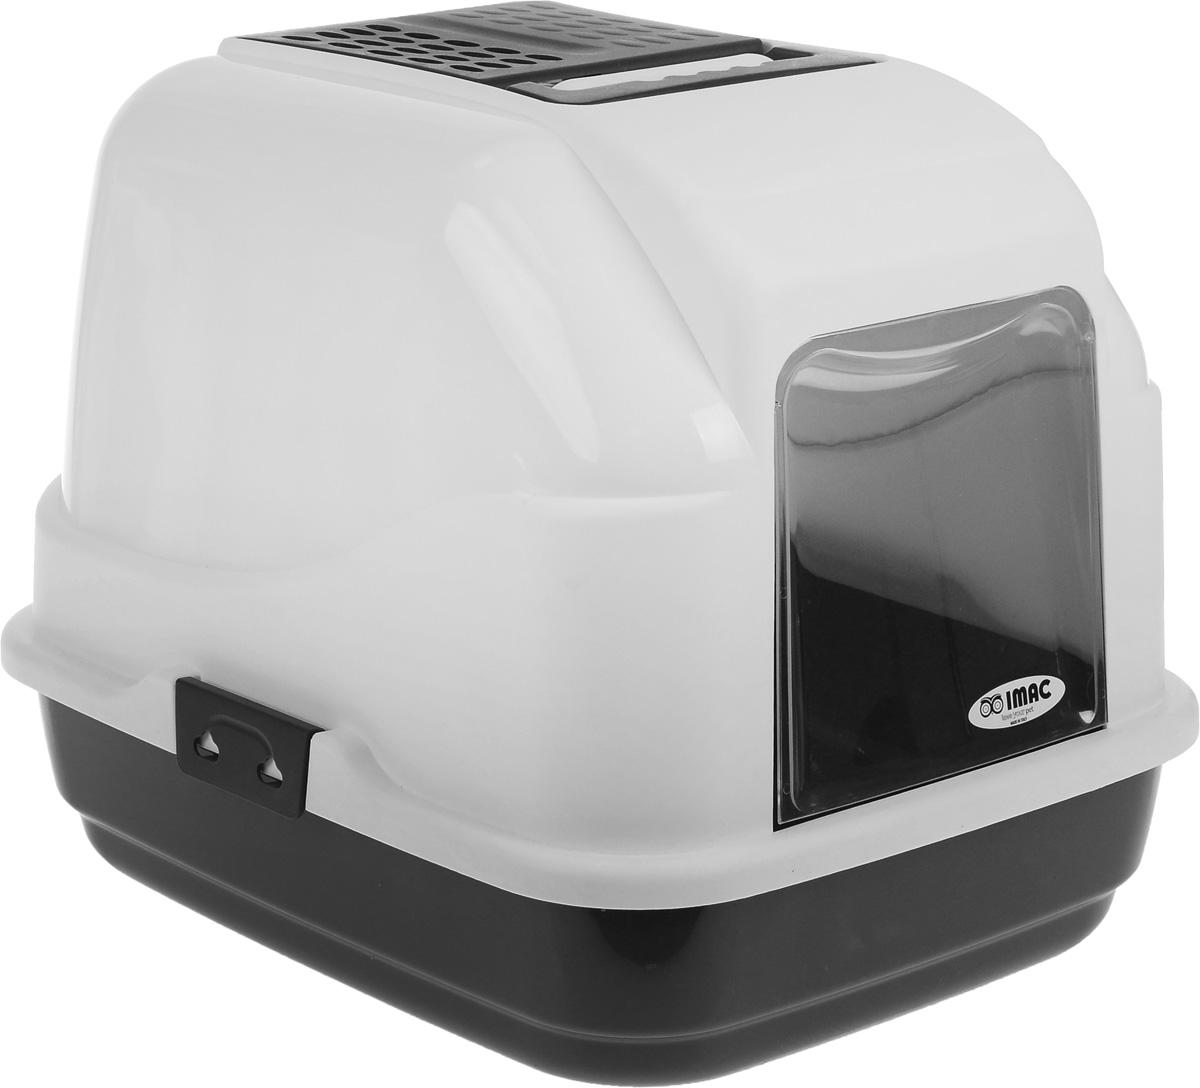 Туалет для кошек IMAC Easy Cat, закрытый, цвет: белый, черный, 50 х 40 х 40 см0120710Закрытый туалет для кошек IMAC Easy Cat выполнен из высококачественного пластика. Он довольно вместительный и напоминает домик. Туалет оснащен прозрачной открывающейся дверцей, сменным угольным фильтром, совком и удобной ручкой для переноски. Такой туалет избавит ваш дом от неприятного запаха и разбросанных повсюду частичек наполнителя. Кошка в таком туалете будет чувствовать себя увереннее, ведь в этом укромном уголке ее никто не увидит. Кроме того, яркий дизайн с легкостью впишется в интерьер вашего дома. Туалет легко открывается для чистки благодаря практичным защелкам по бокам.